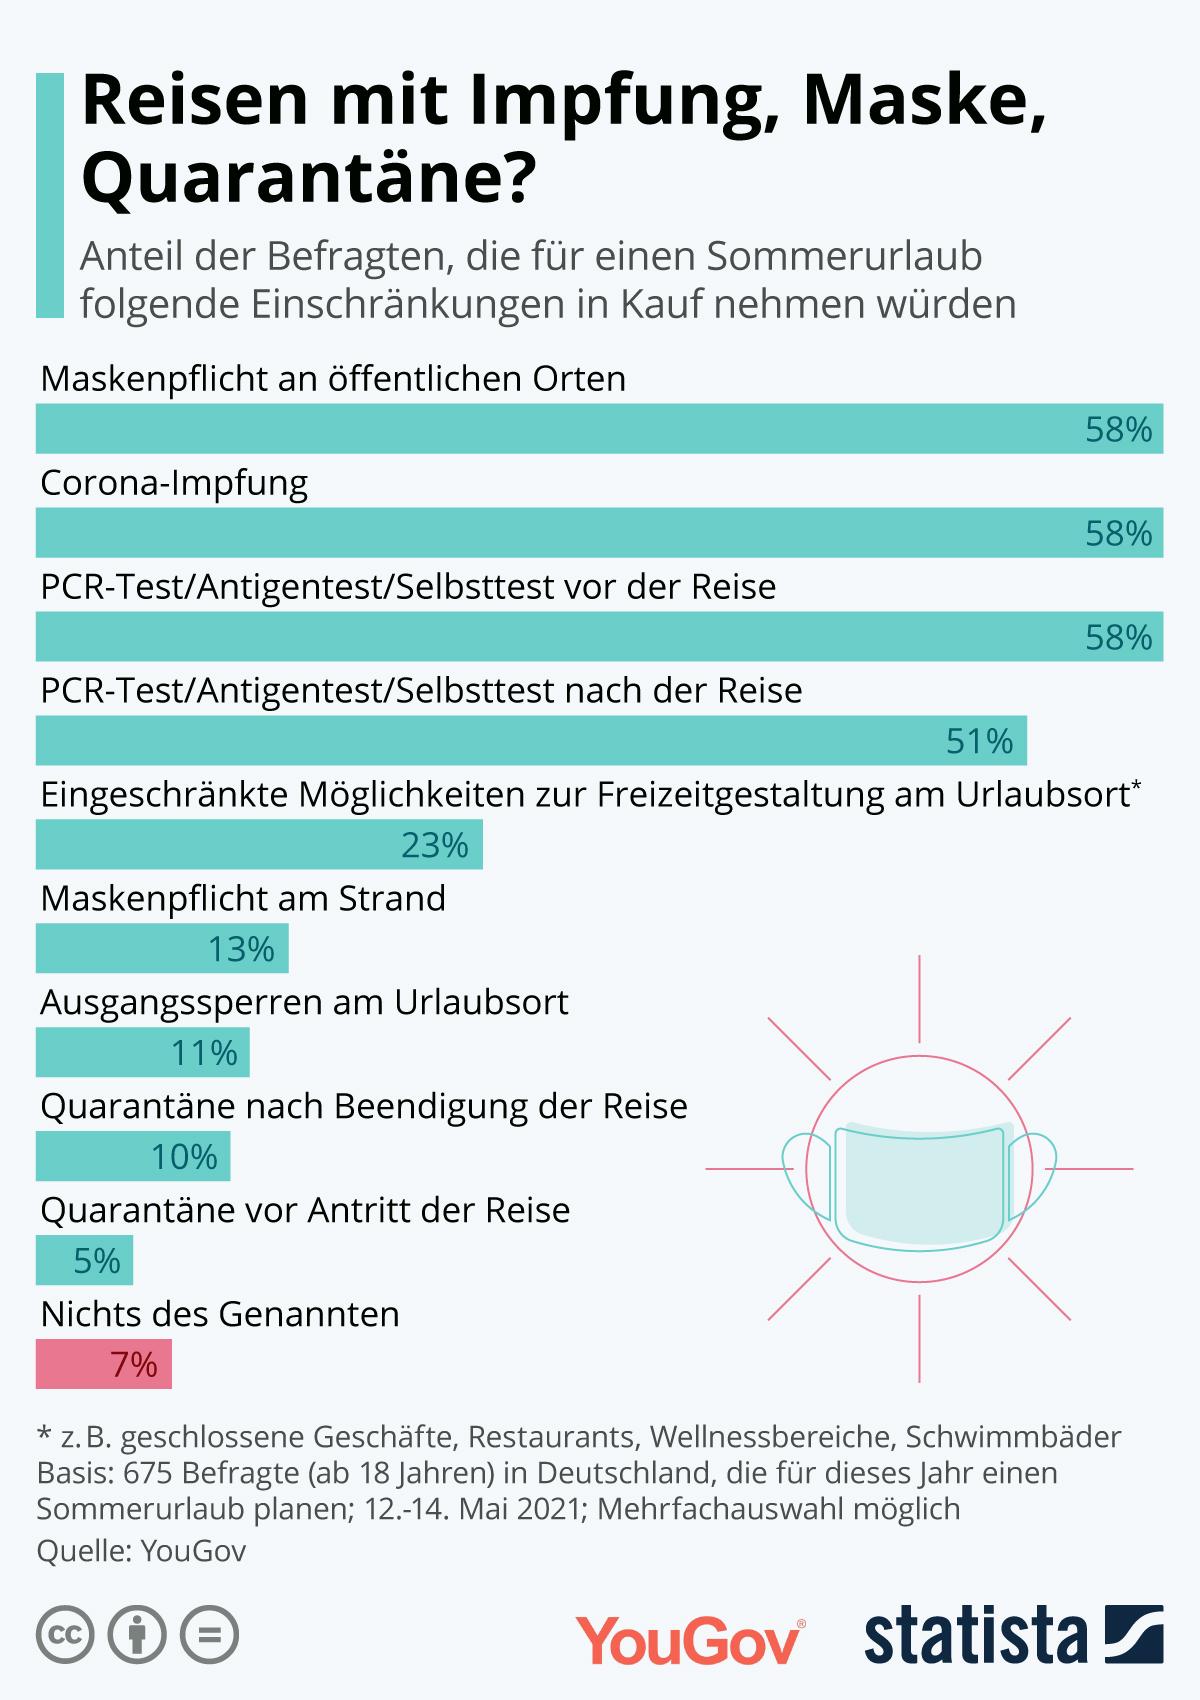 Infografik: Reisen mit Impfung, Quarantäne, Maske? | Statista